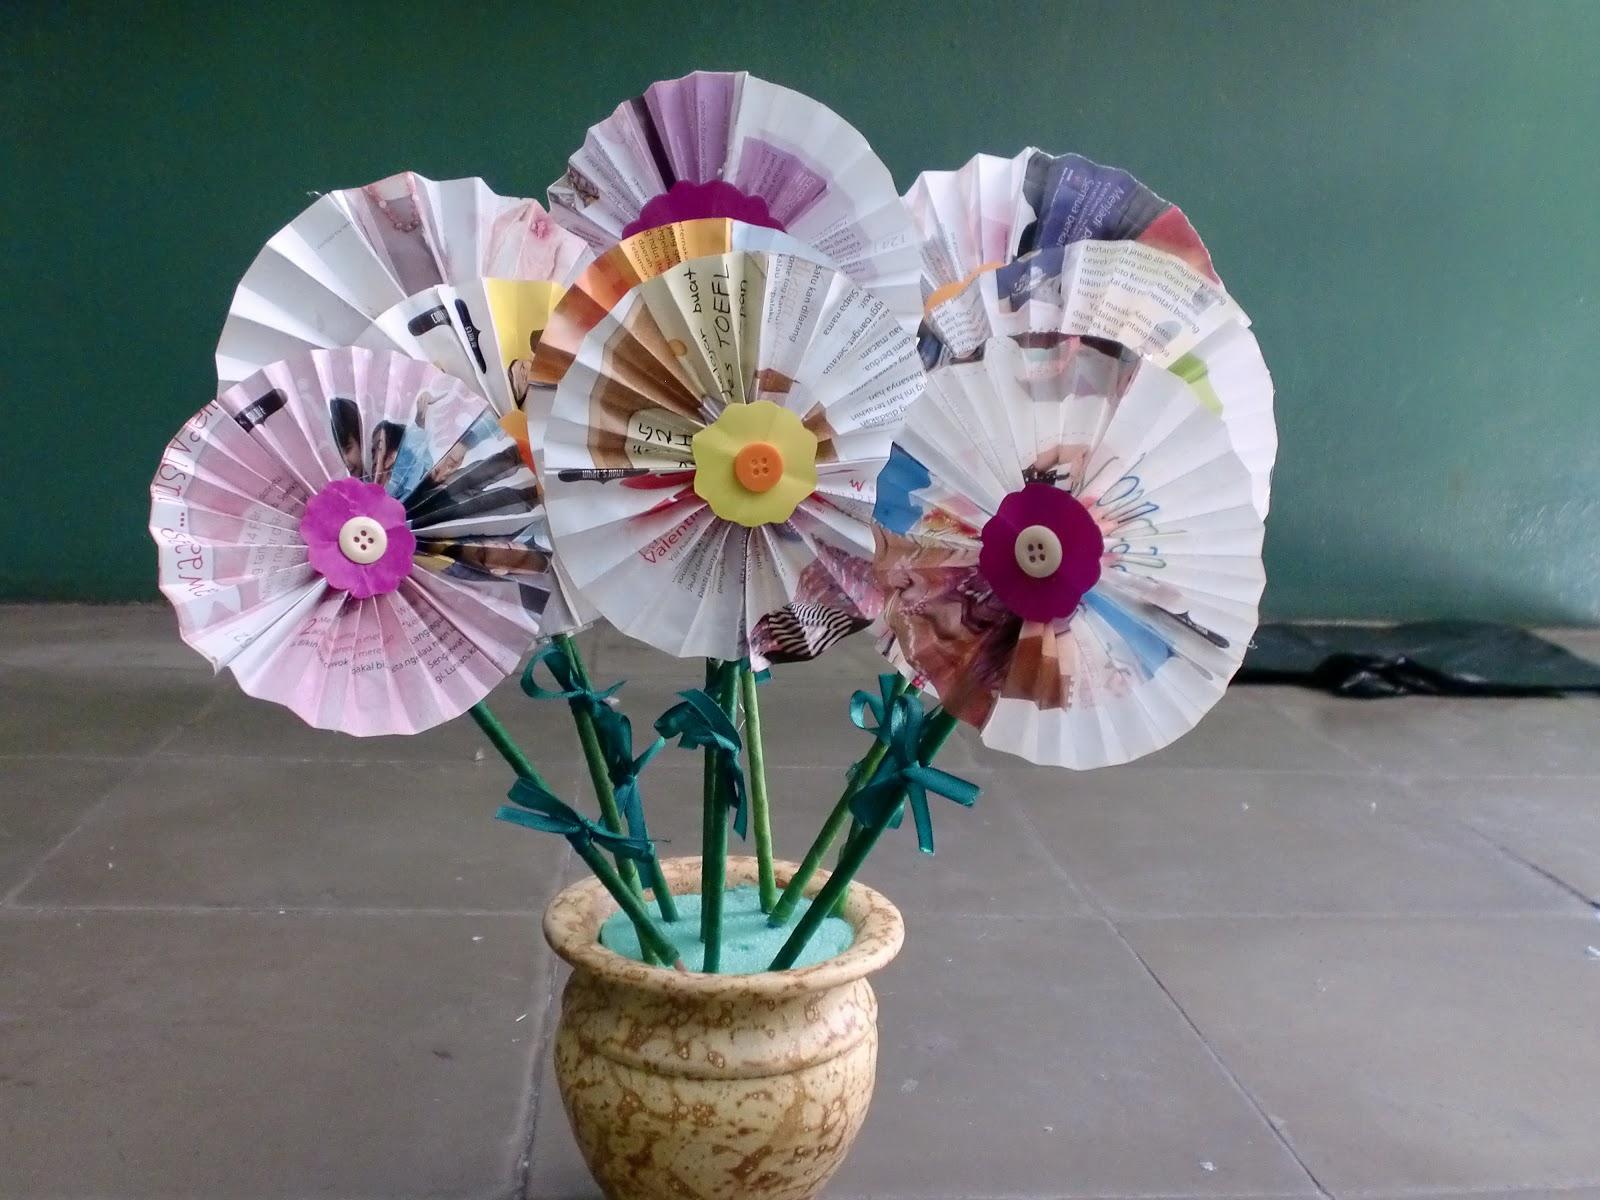 mamahtira Majalah Bekas jadi Rangkaian Bunga